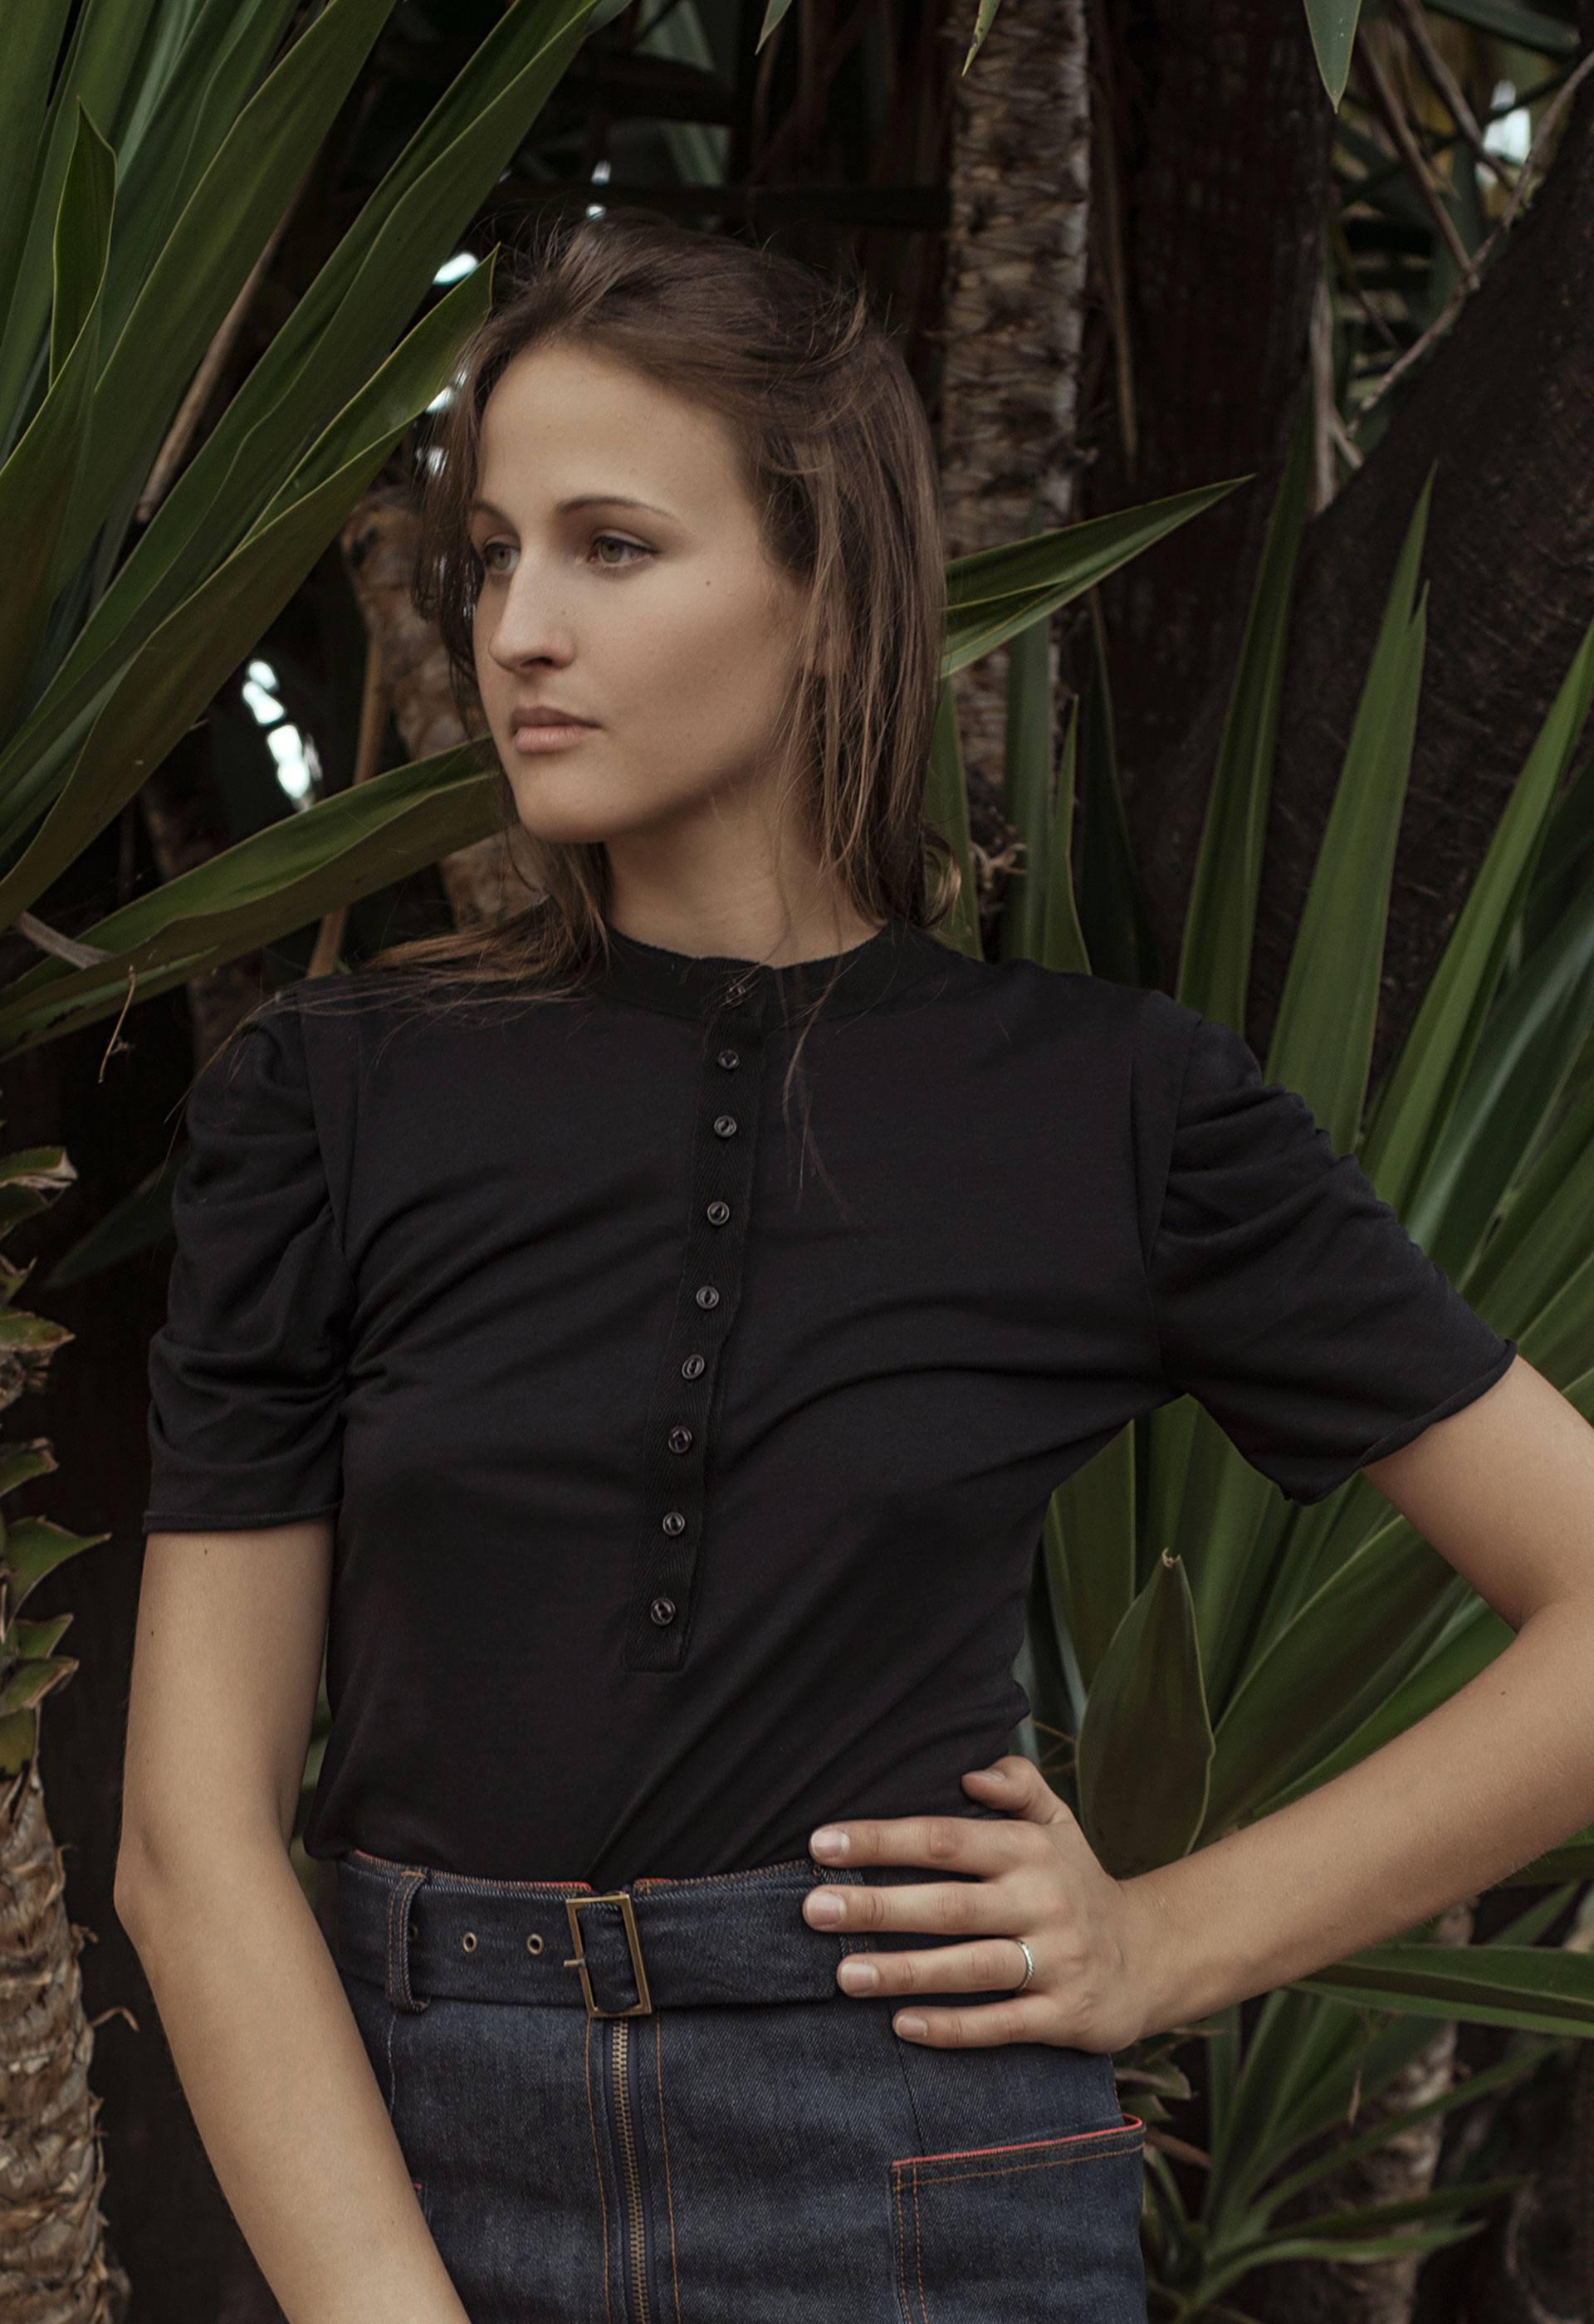 PRÊT À PORTER-BÁSICOS - TOPS, CAMISAS, BLUSAS - camiseta negra vintage con cuello caja abotonado IO DREAMS